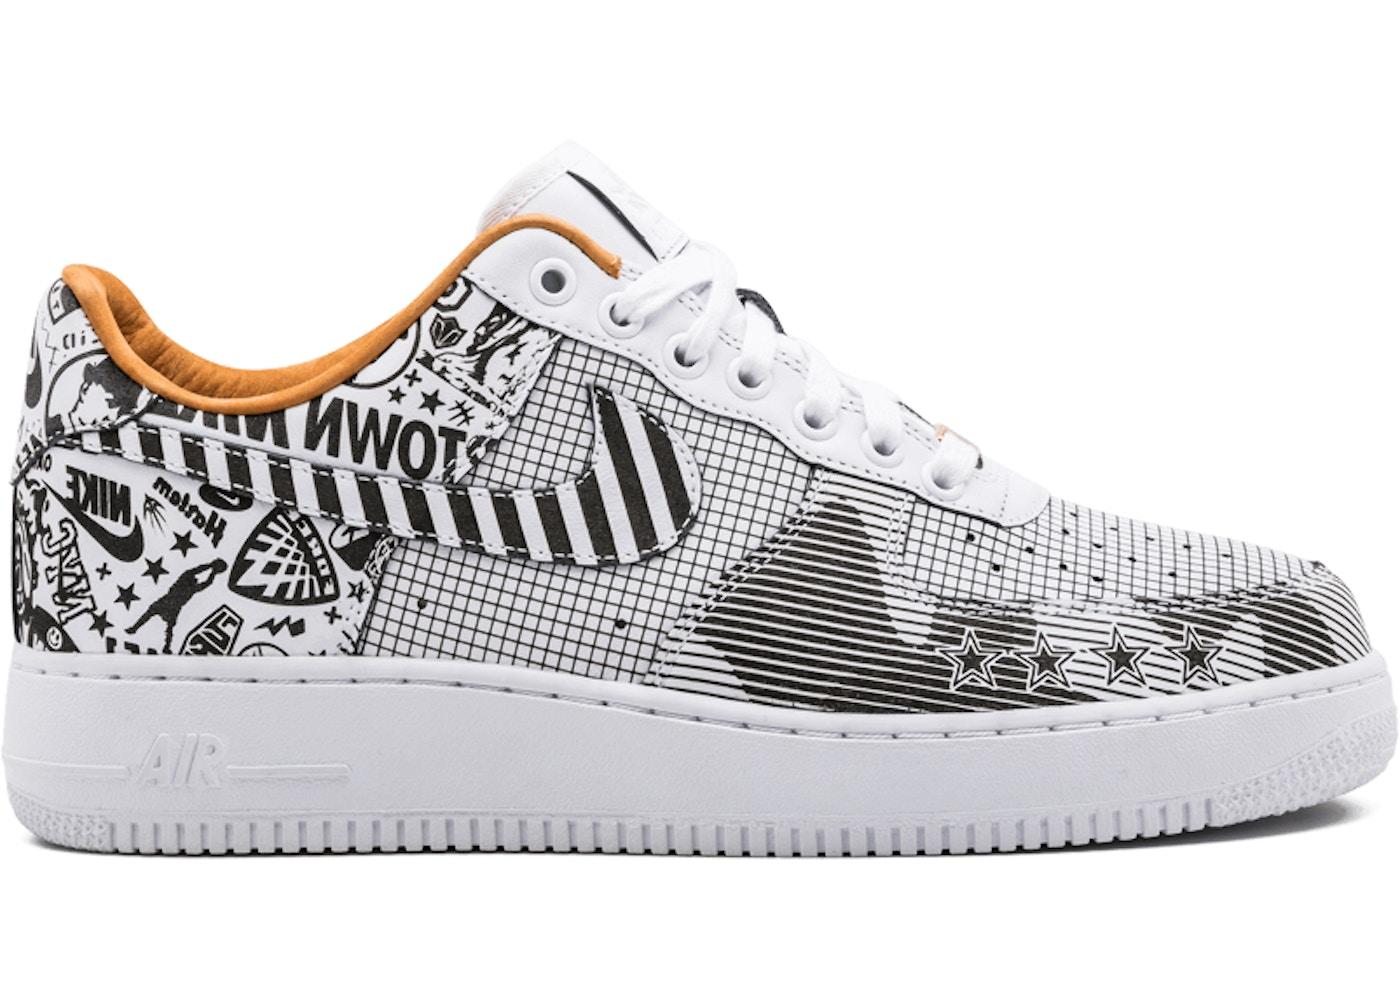 best website 7e2a6 d52a0 Nike Air Force Shoes - Last Sale